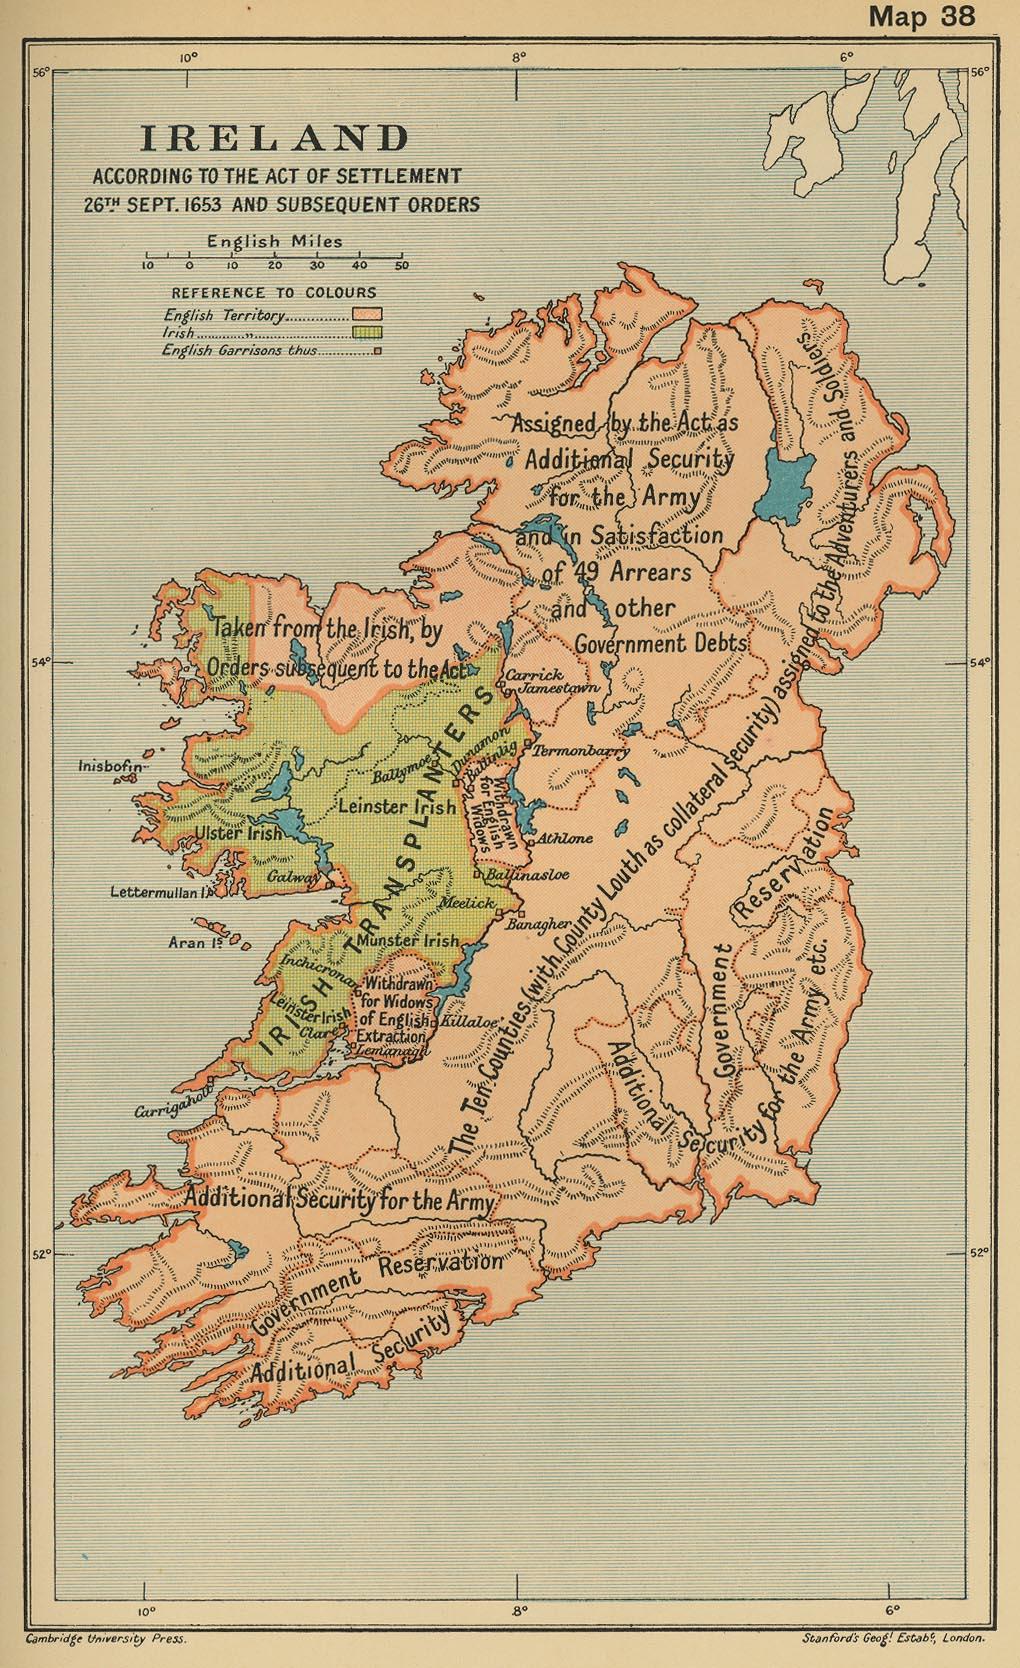 Acta de Establecimiento de Irlanda 1652